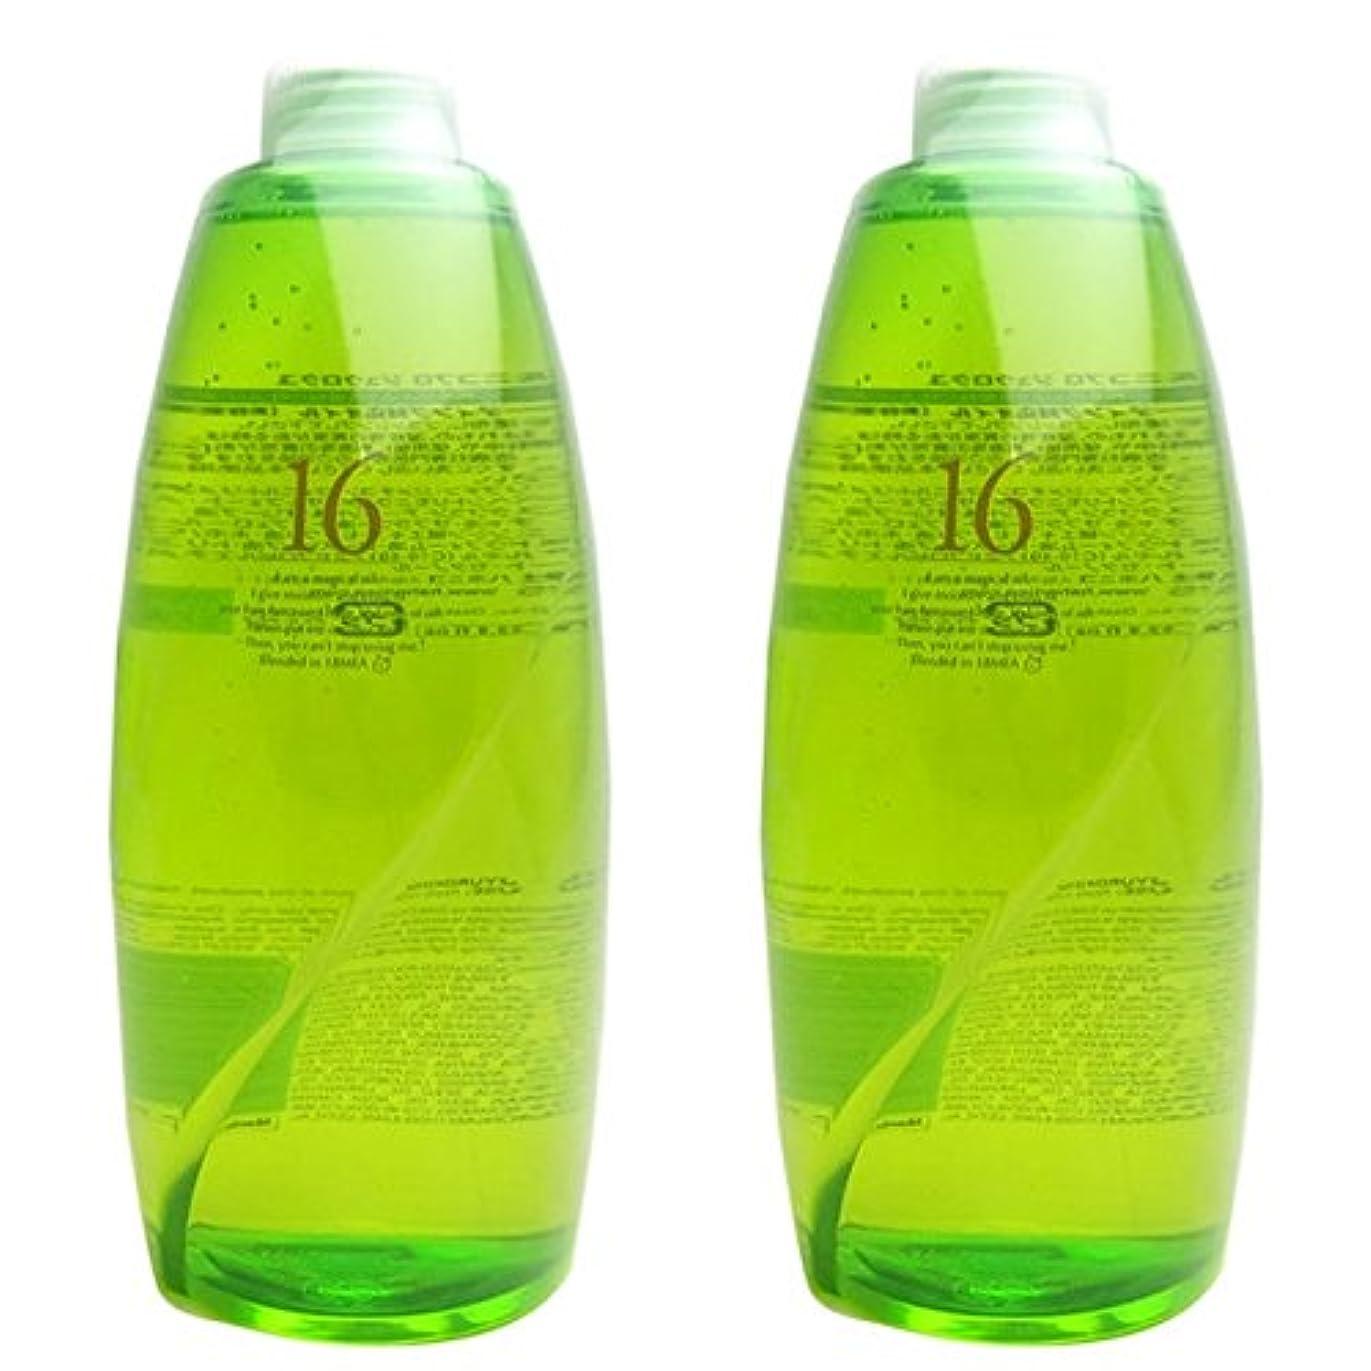 ステンレス待つ新鮮な【X2個セット】 ハホニコ 十六油 (洗い流さないトリートメント) 1000ml 詰替え用 hahonico